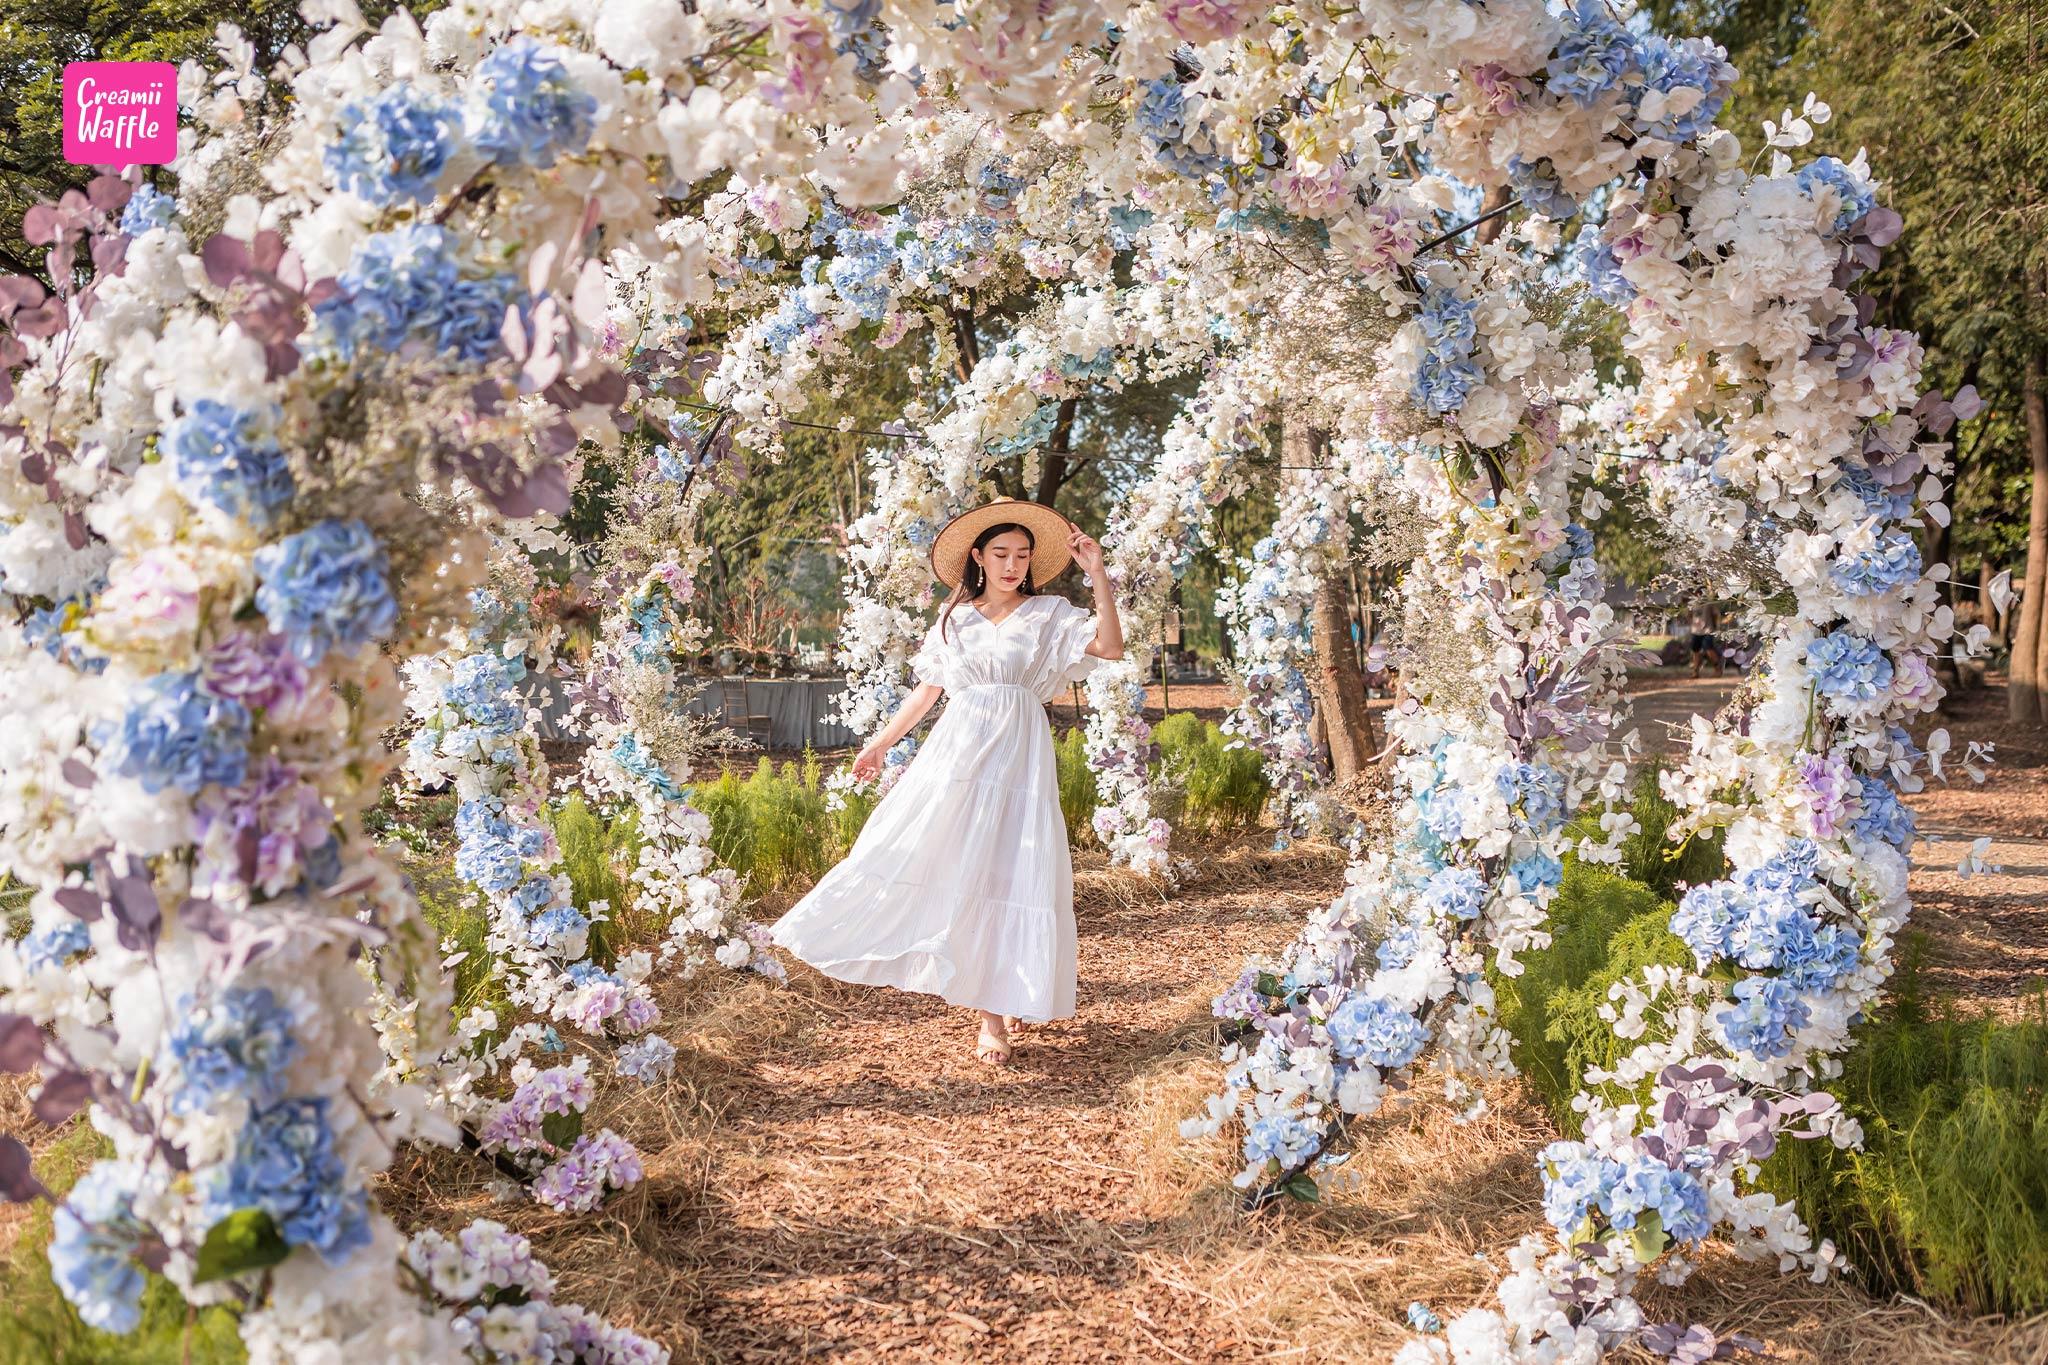 รีวิว รักดอก RakDok มหัศจรรย์แดนมาลี